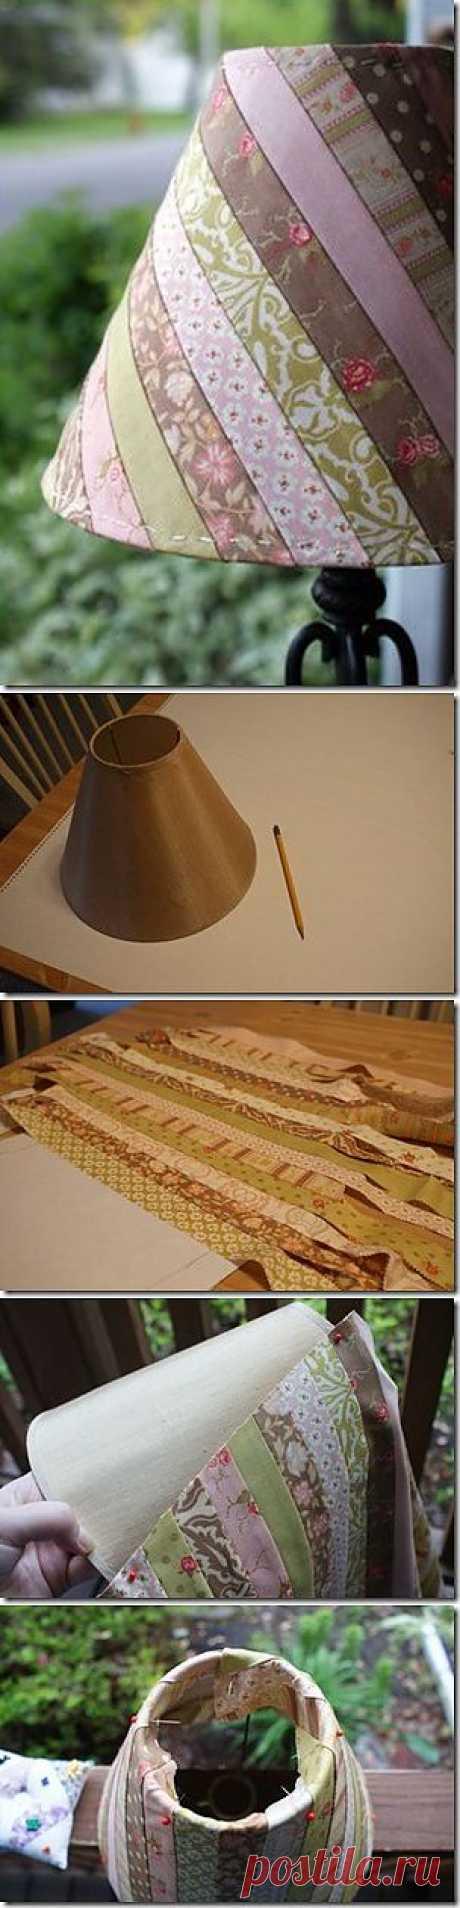 Как сделать новый абажур из лоскутков / KNITLY.com - блог о рукоделии